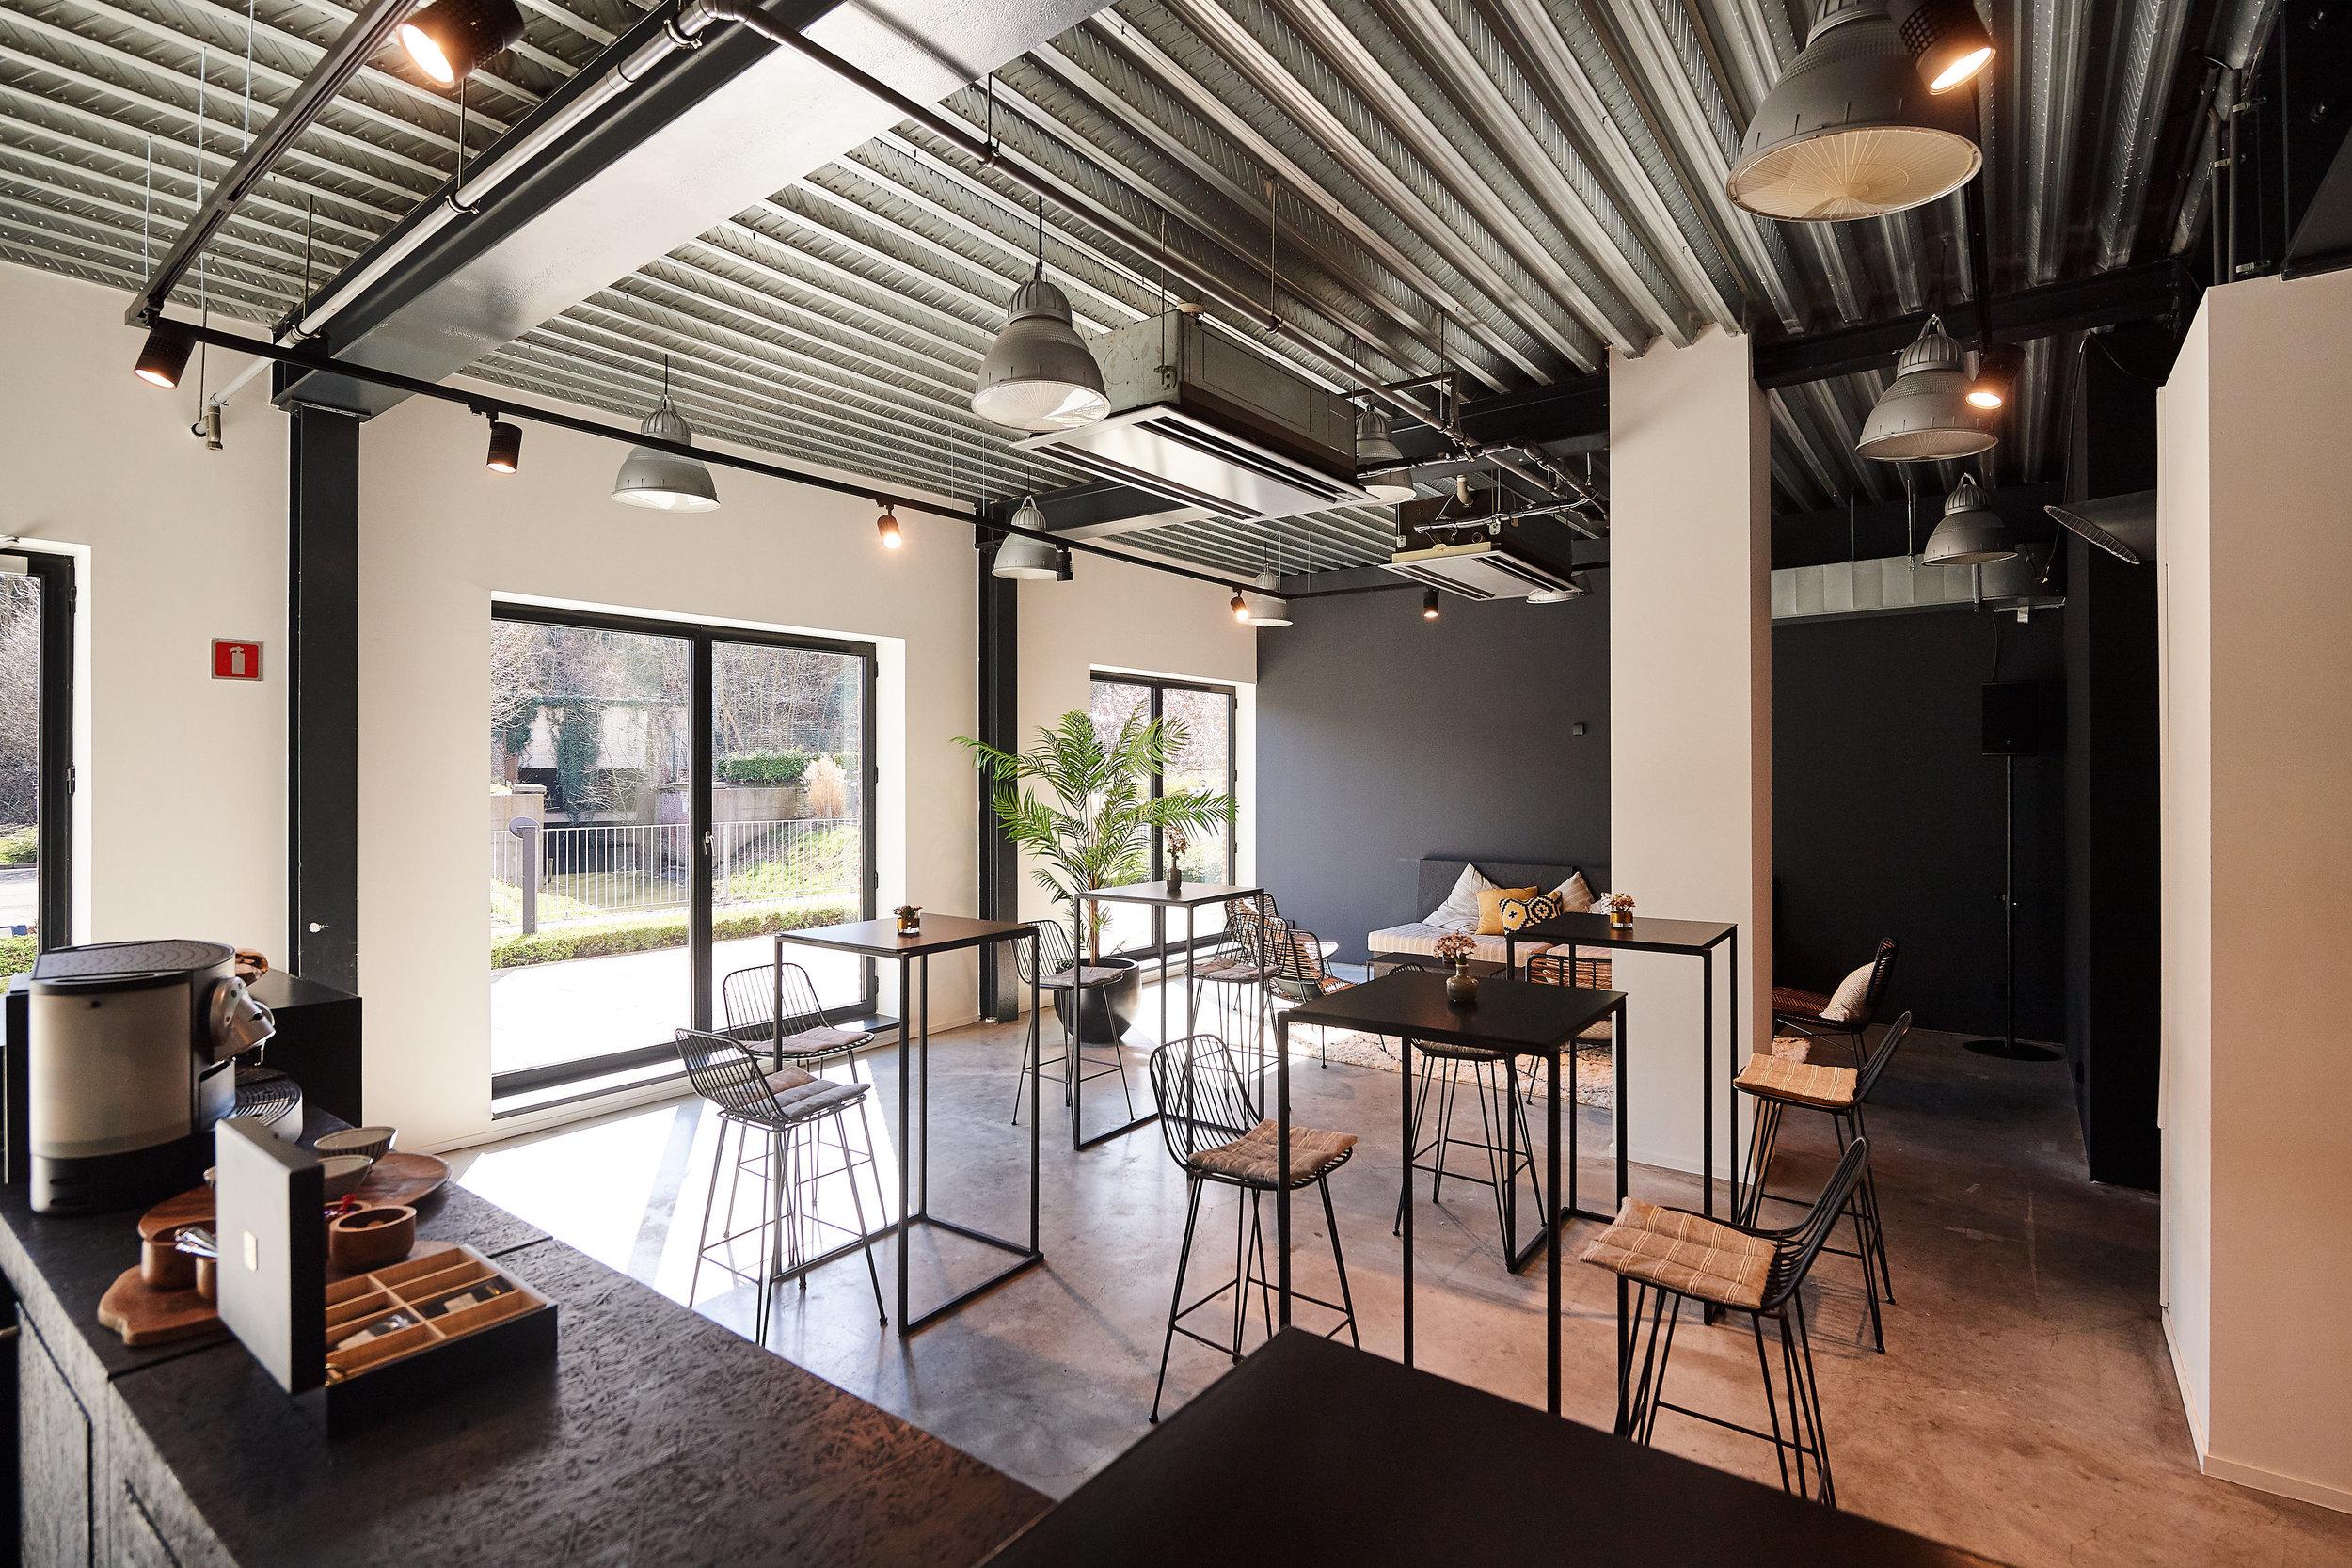 Ground floor - Soie - Reception